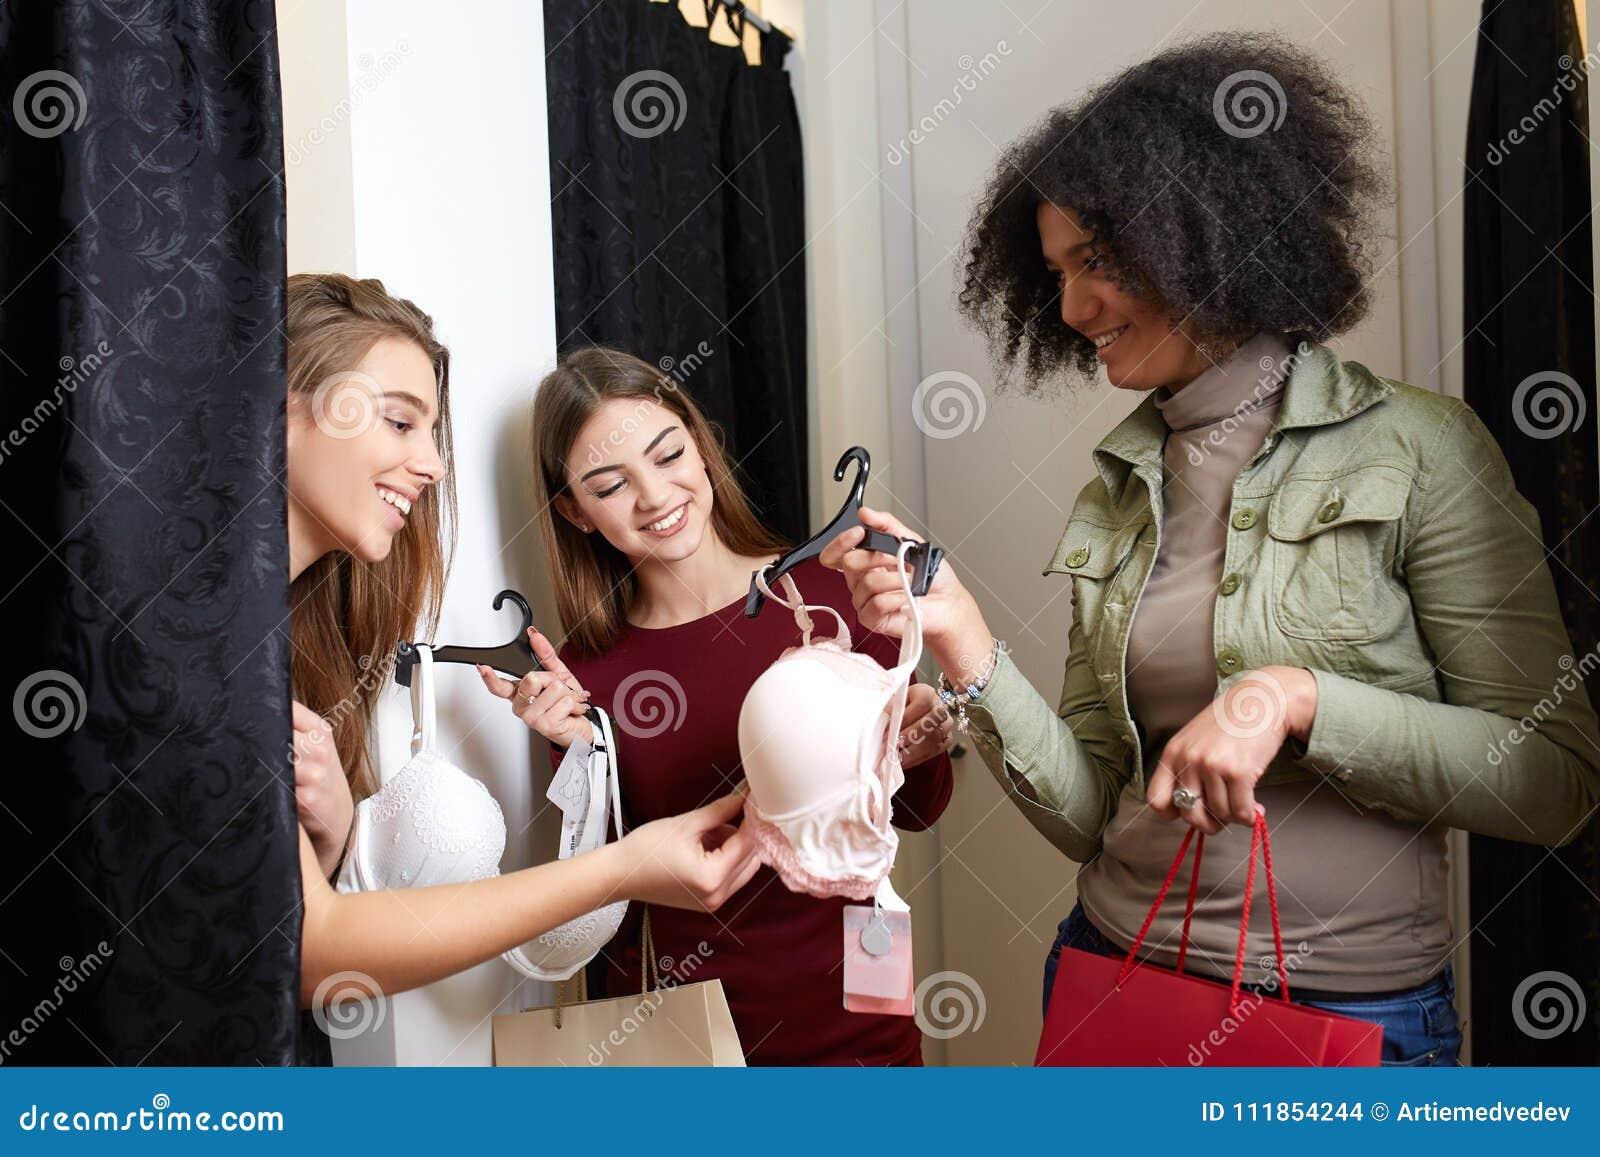 Видео из примерочной магазина женского нижнего белья — pic 11